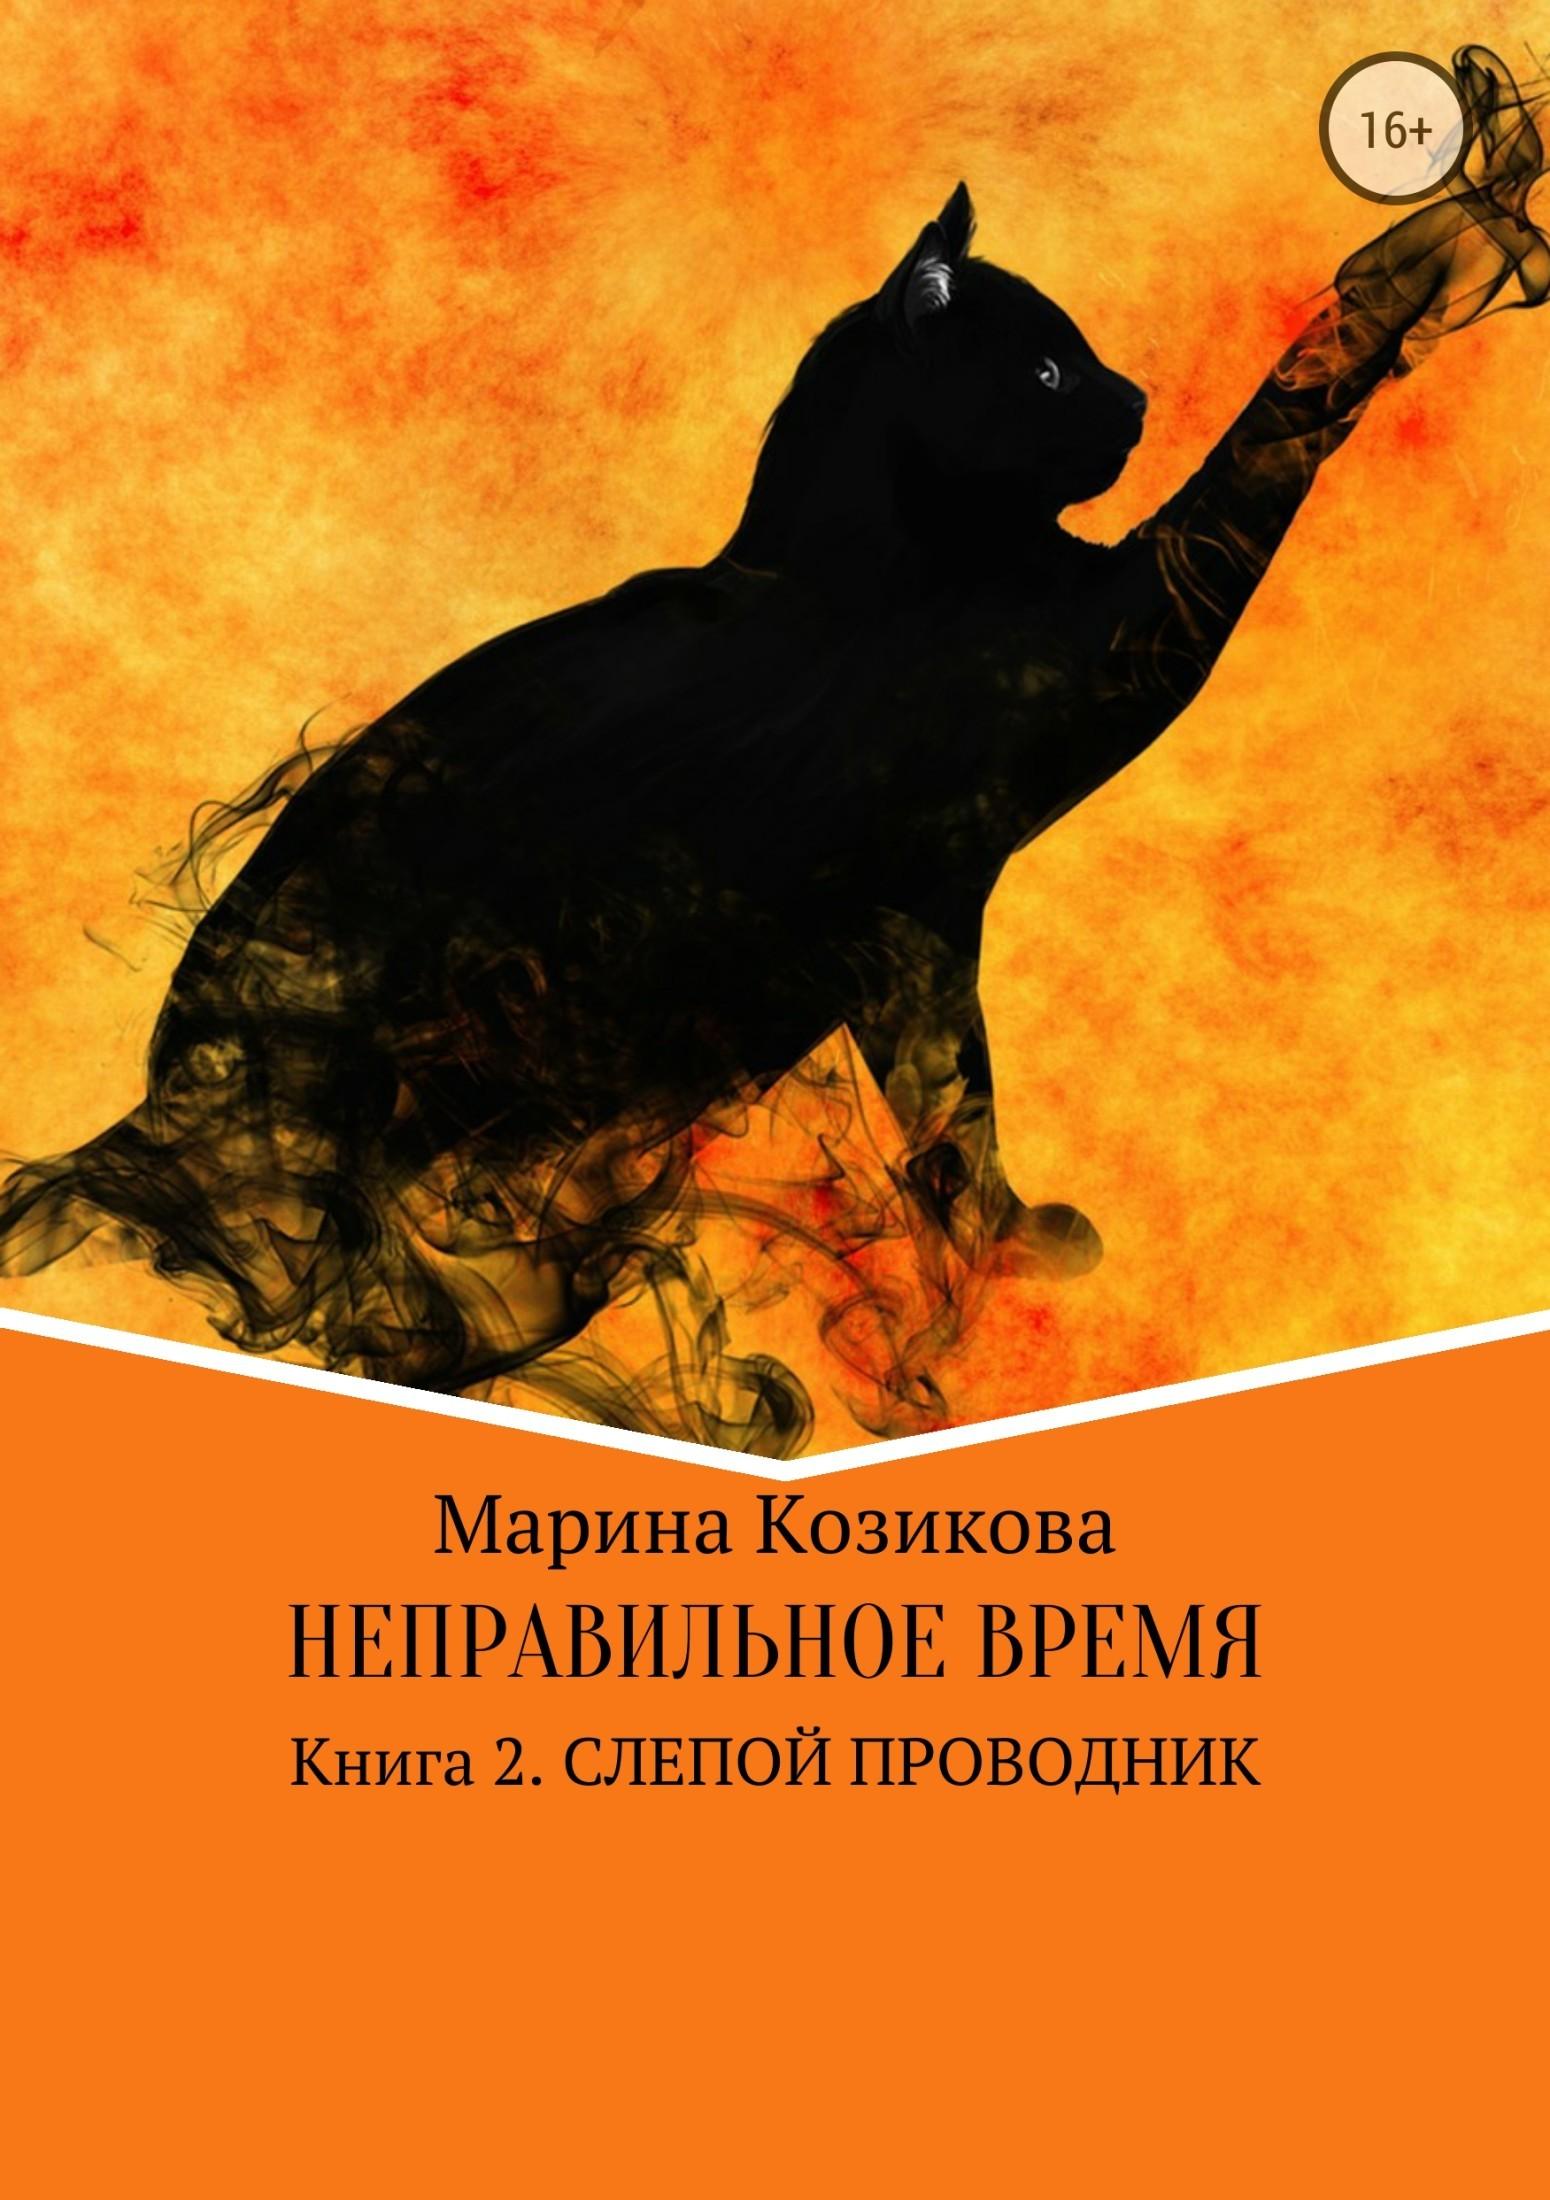 Марина Козикова - Неправильное время. Книга 2. Слепой проводник